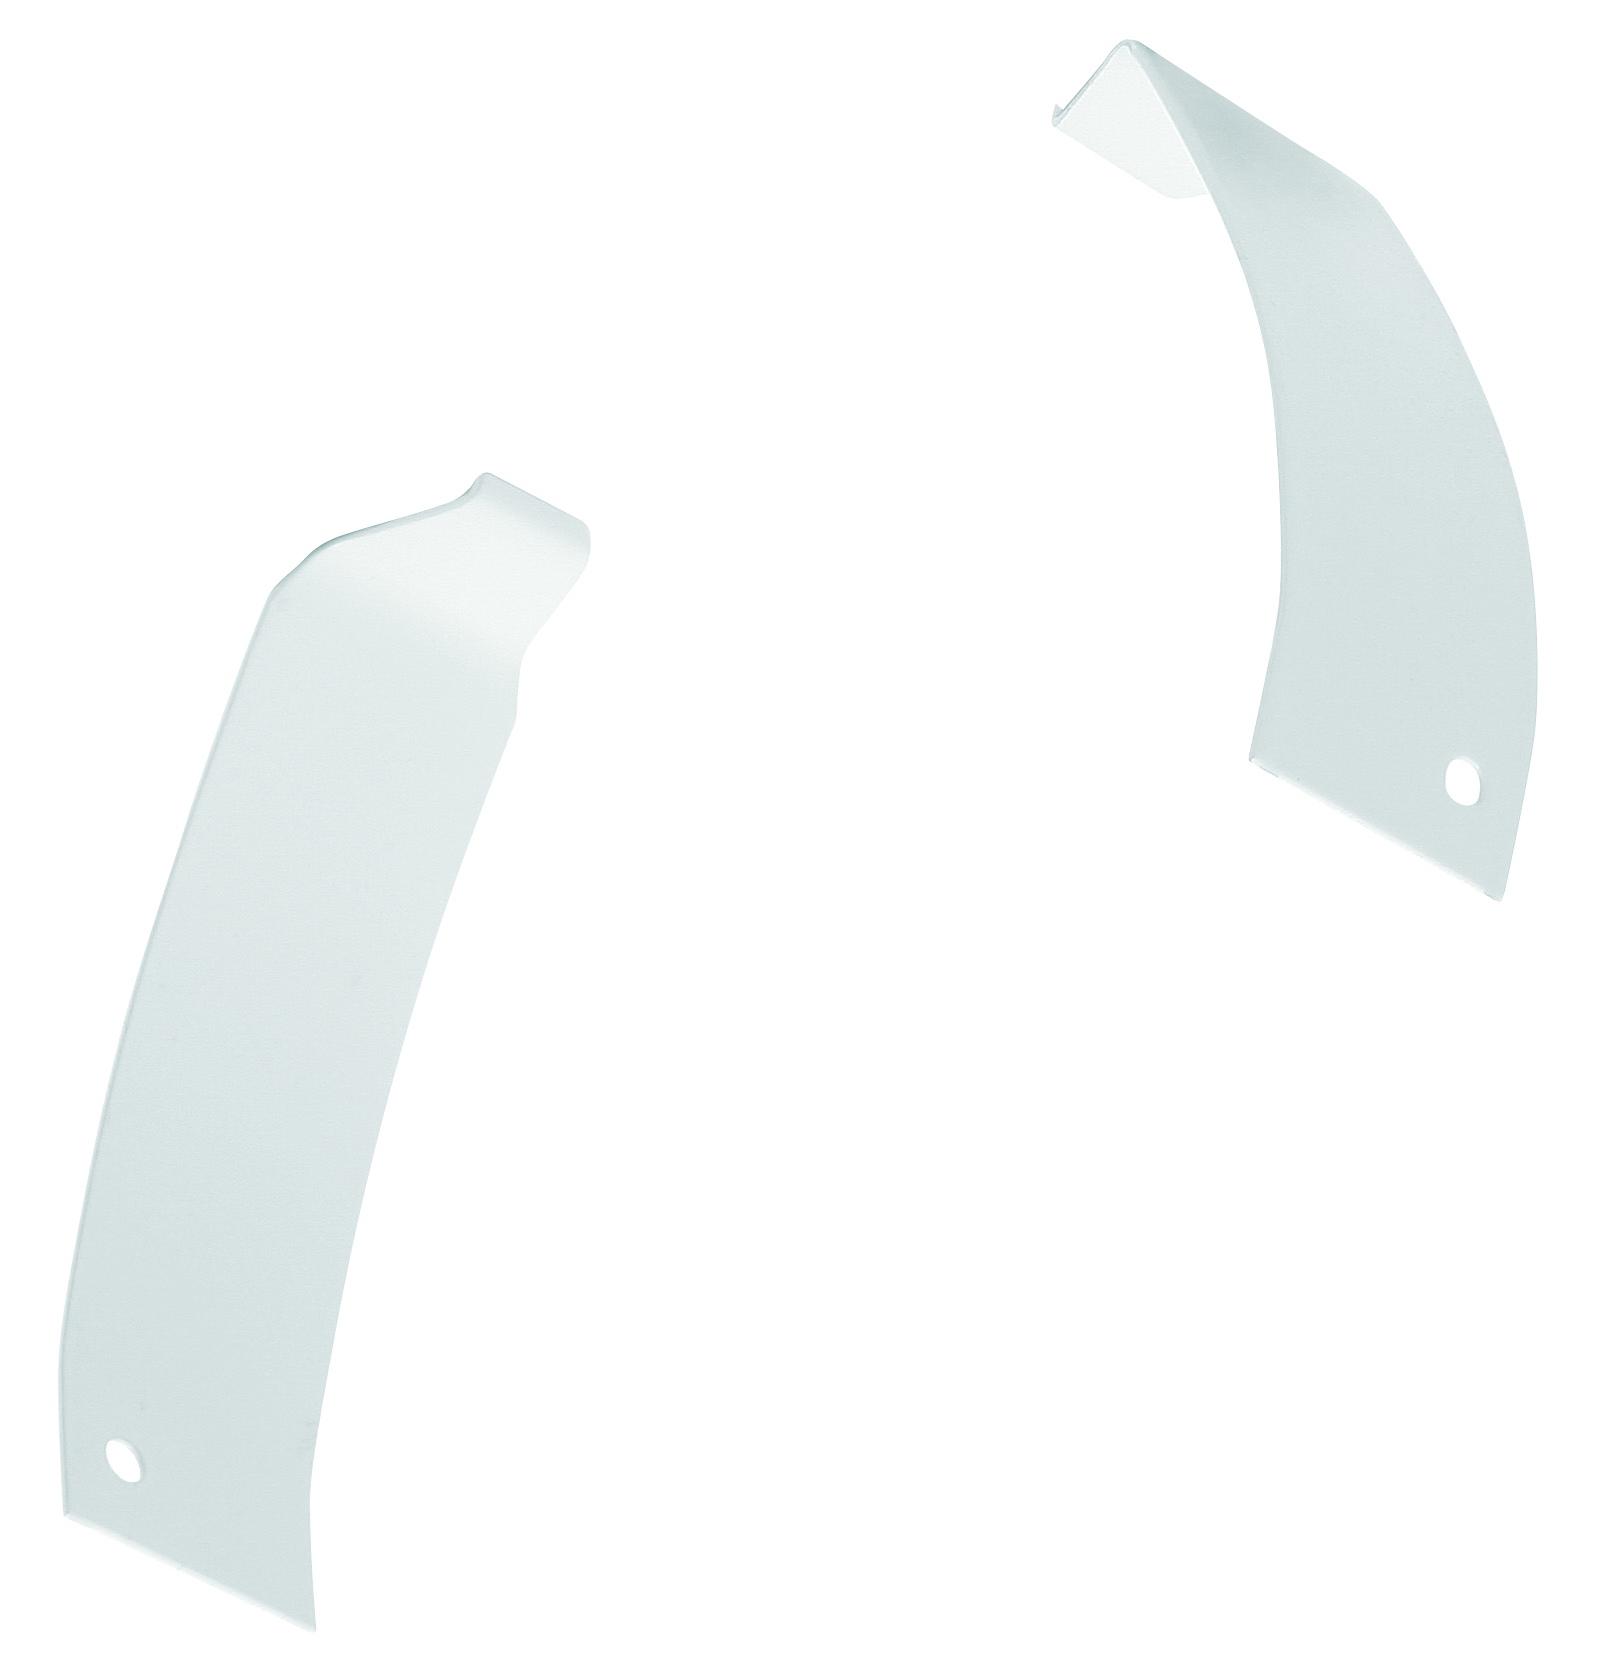 1 Stk L-SE Verbinder für Reflektor RCP12 T5 und T8 (2 Stk) LI99000058